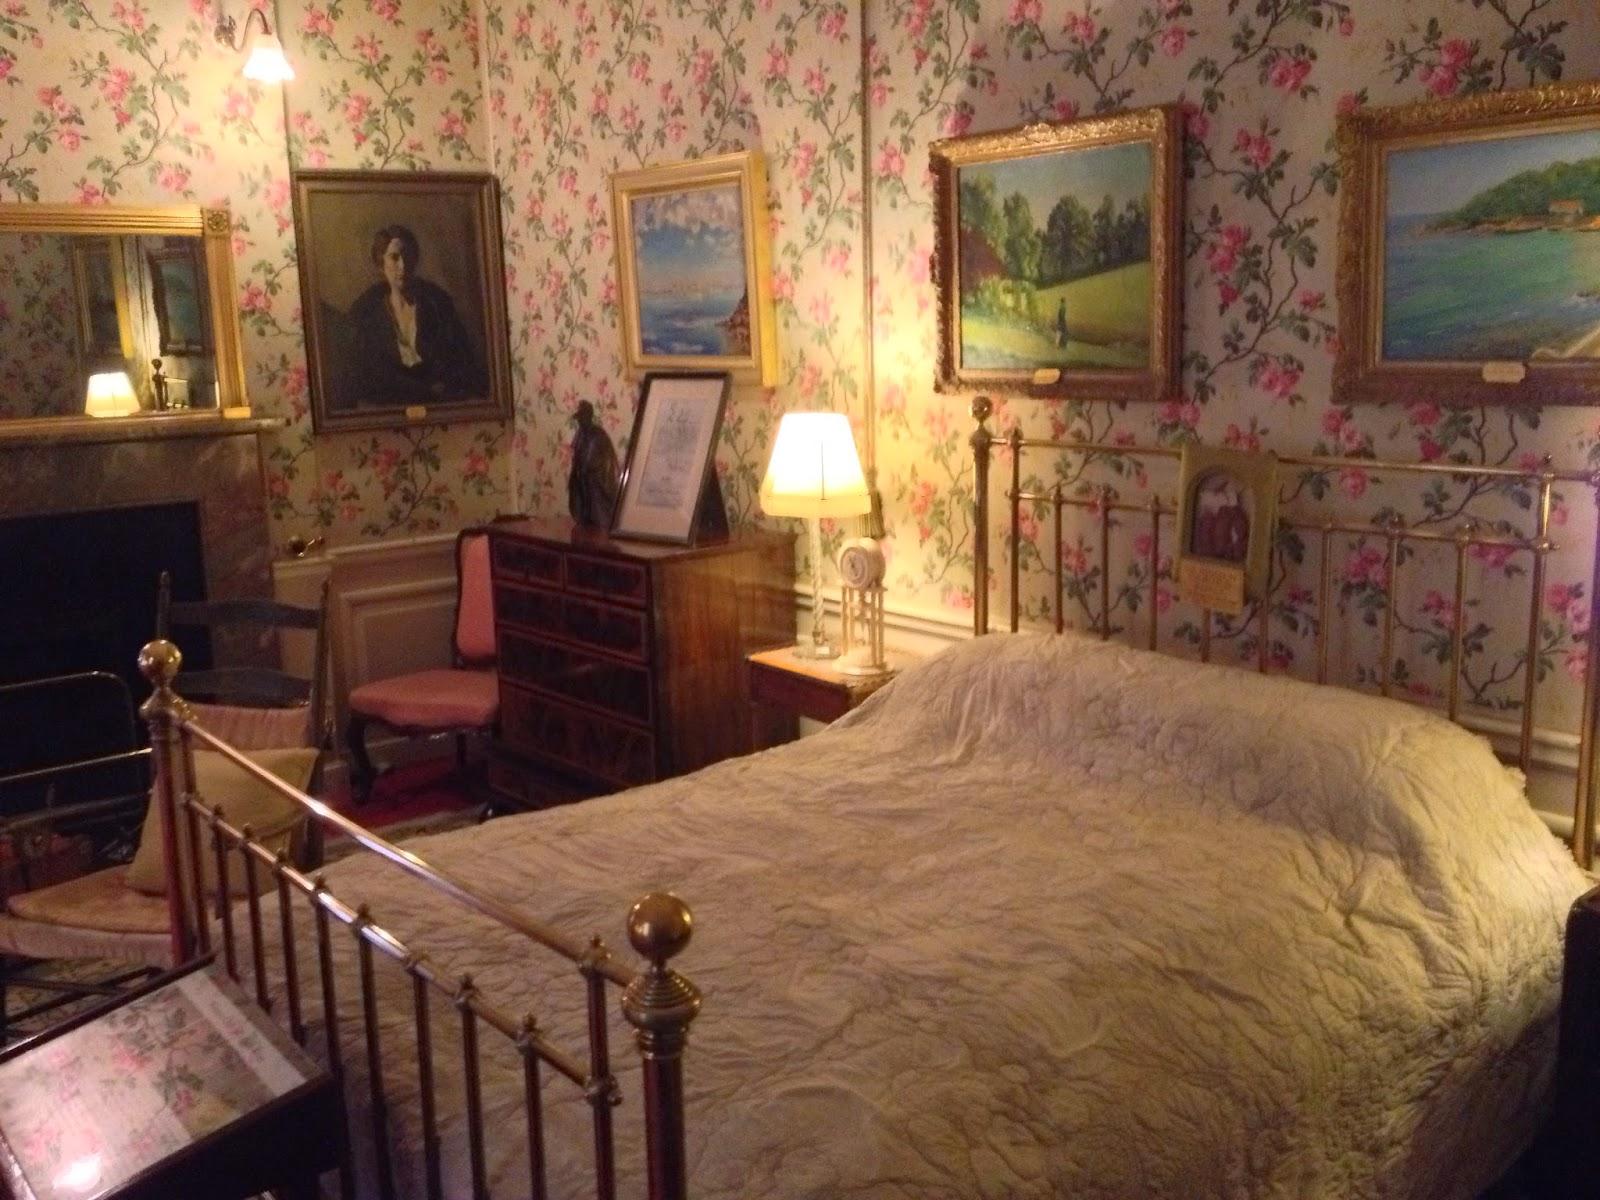 Winston Churchill föddes i detta rum